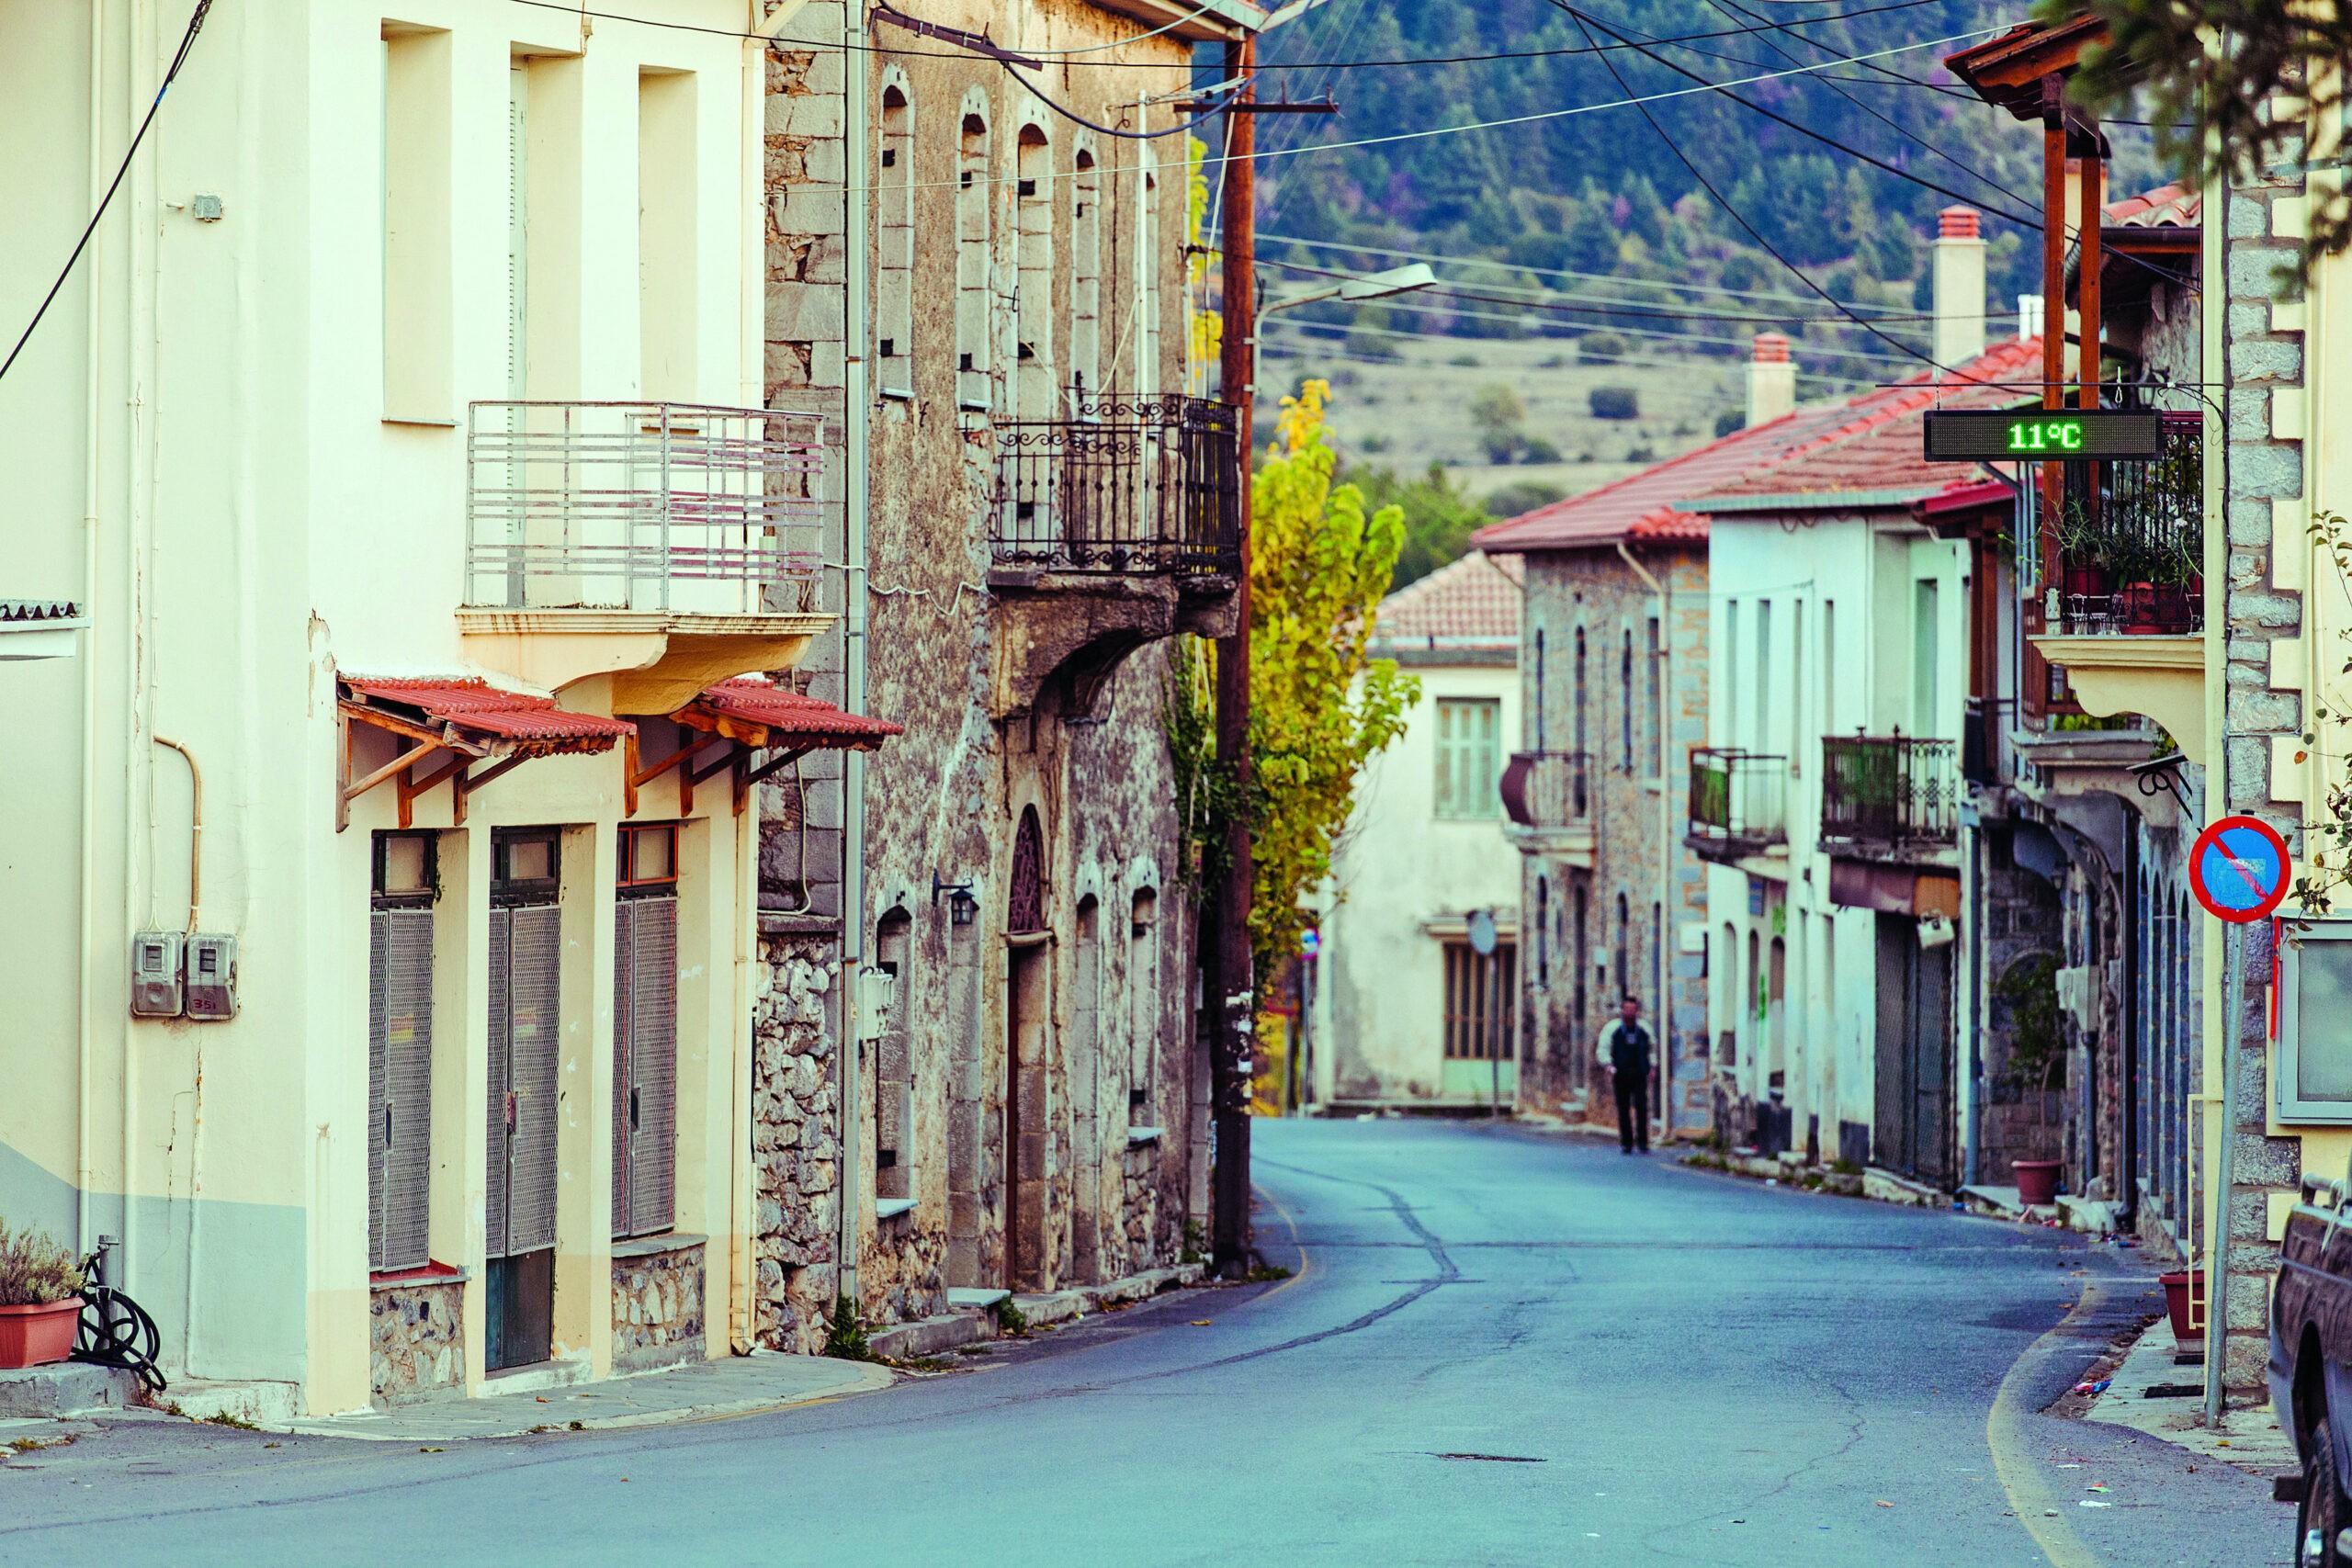 Βυτίνα ρομαντικό χωριό